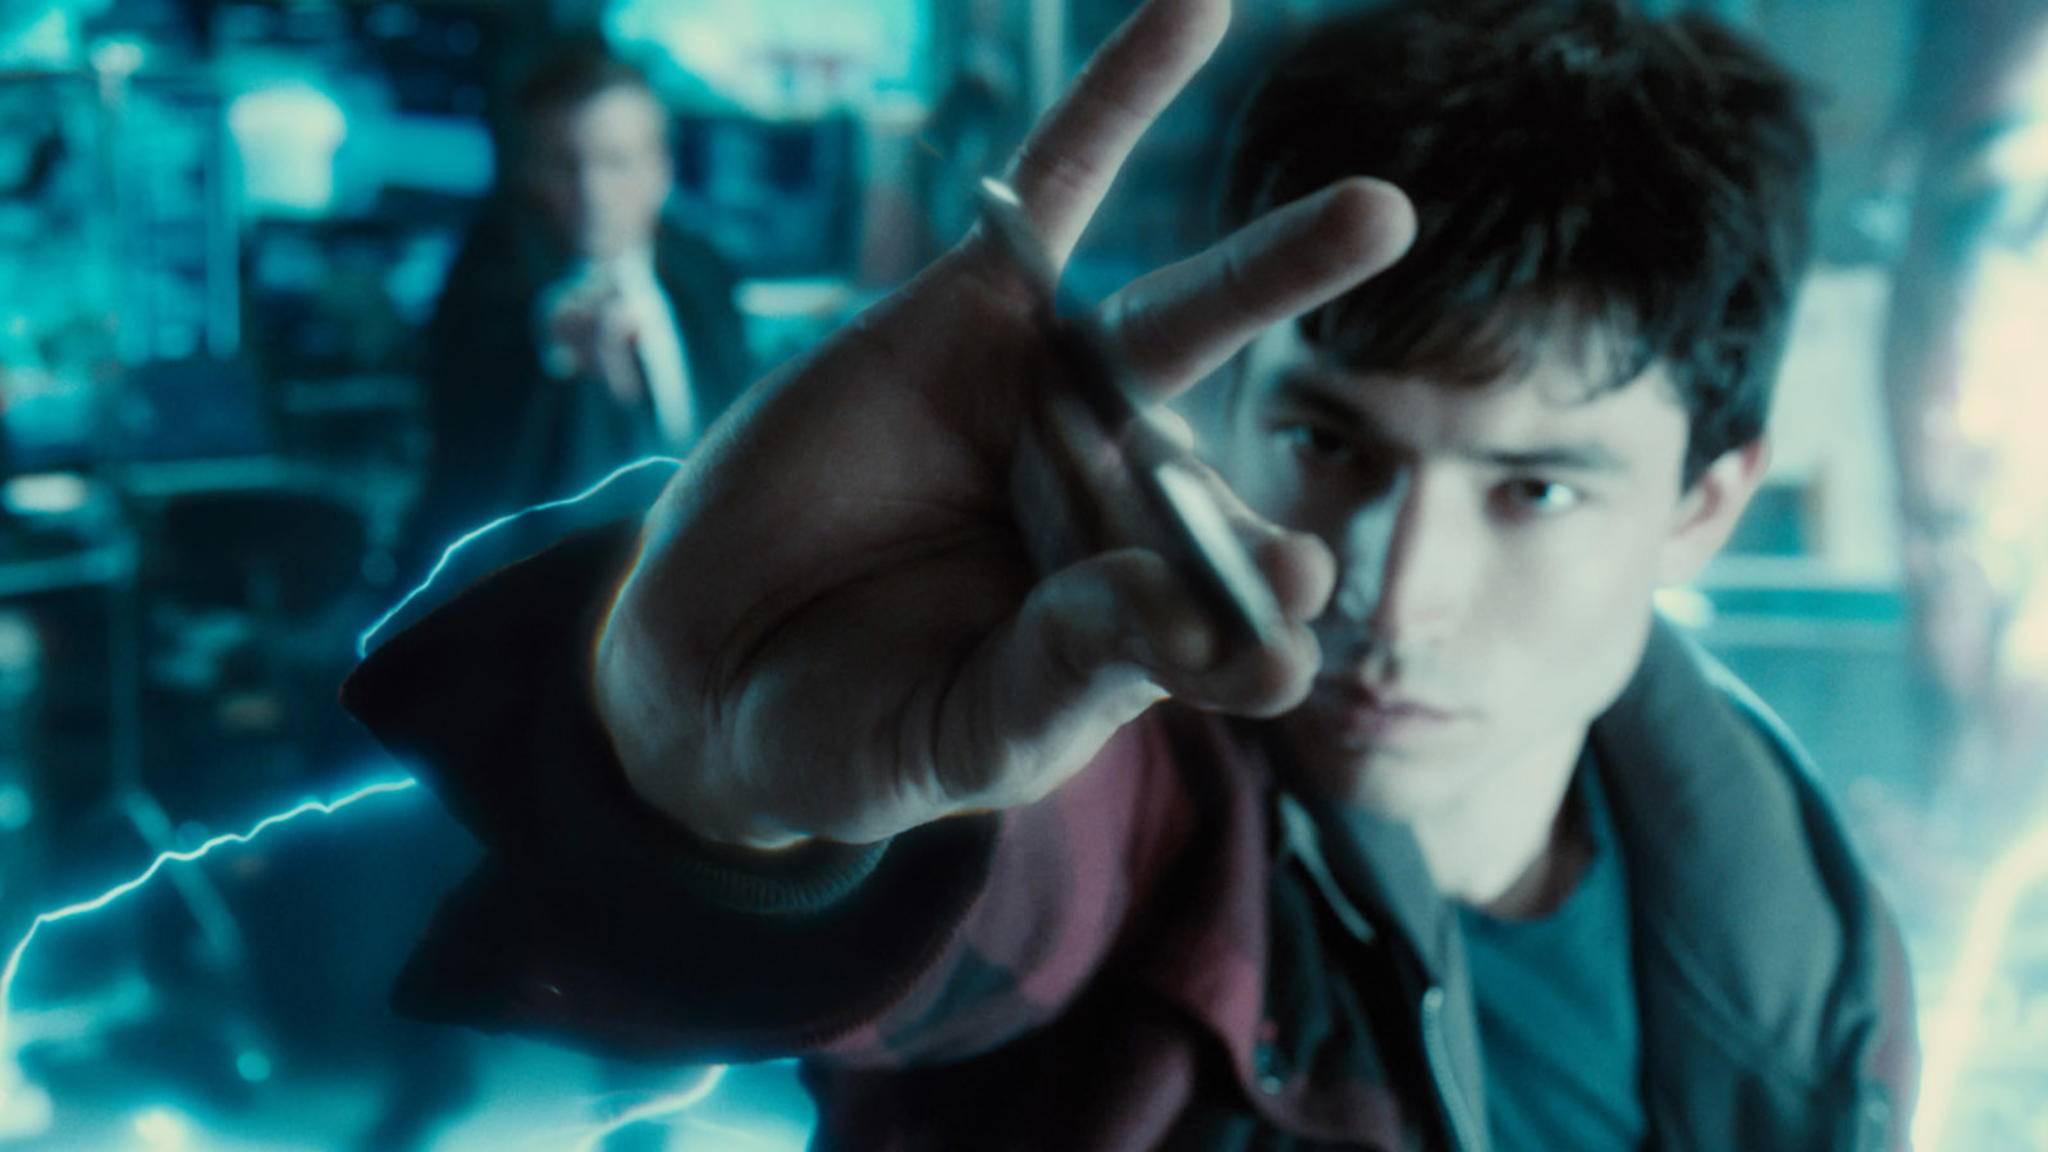 """Es ist kein Geheimnis, dass Zack Snyder einen Faible für Slow-Motion-Szenen hat, doch ausgerechnet einige dieser Parts schafften es nicht in den finalen """"Justice League""""-Schnitt."""